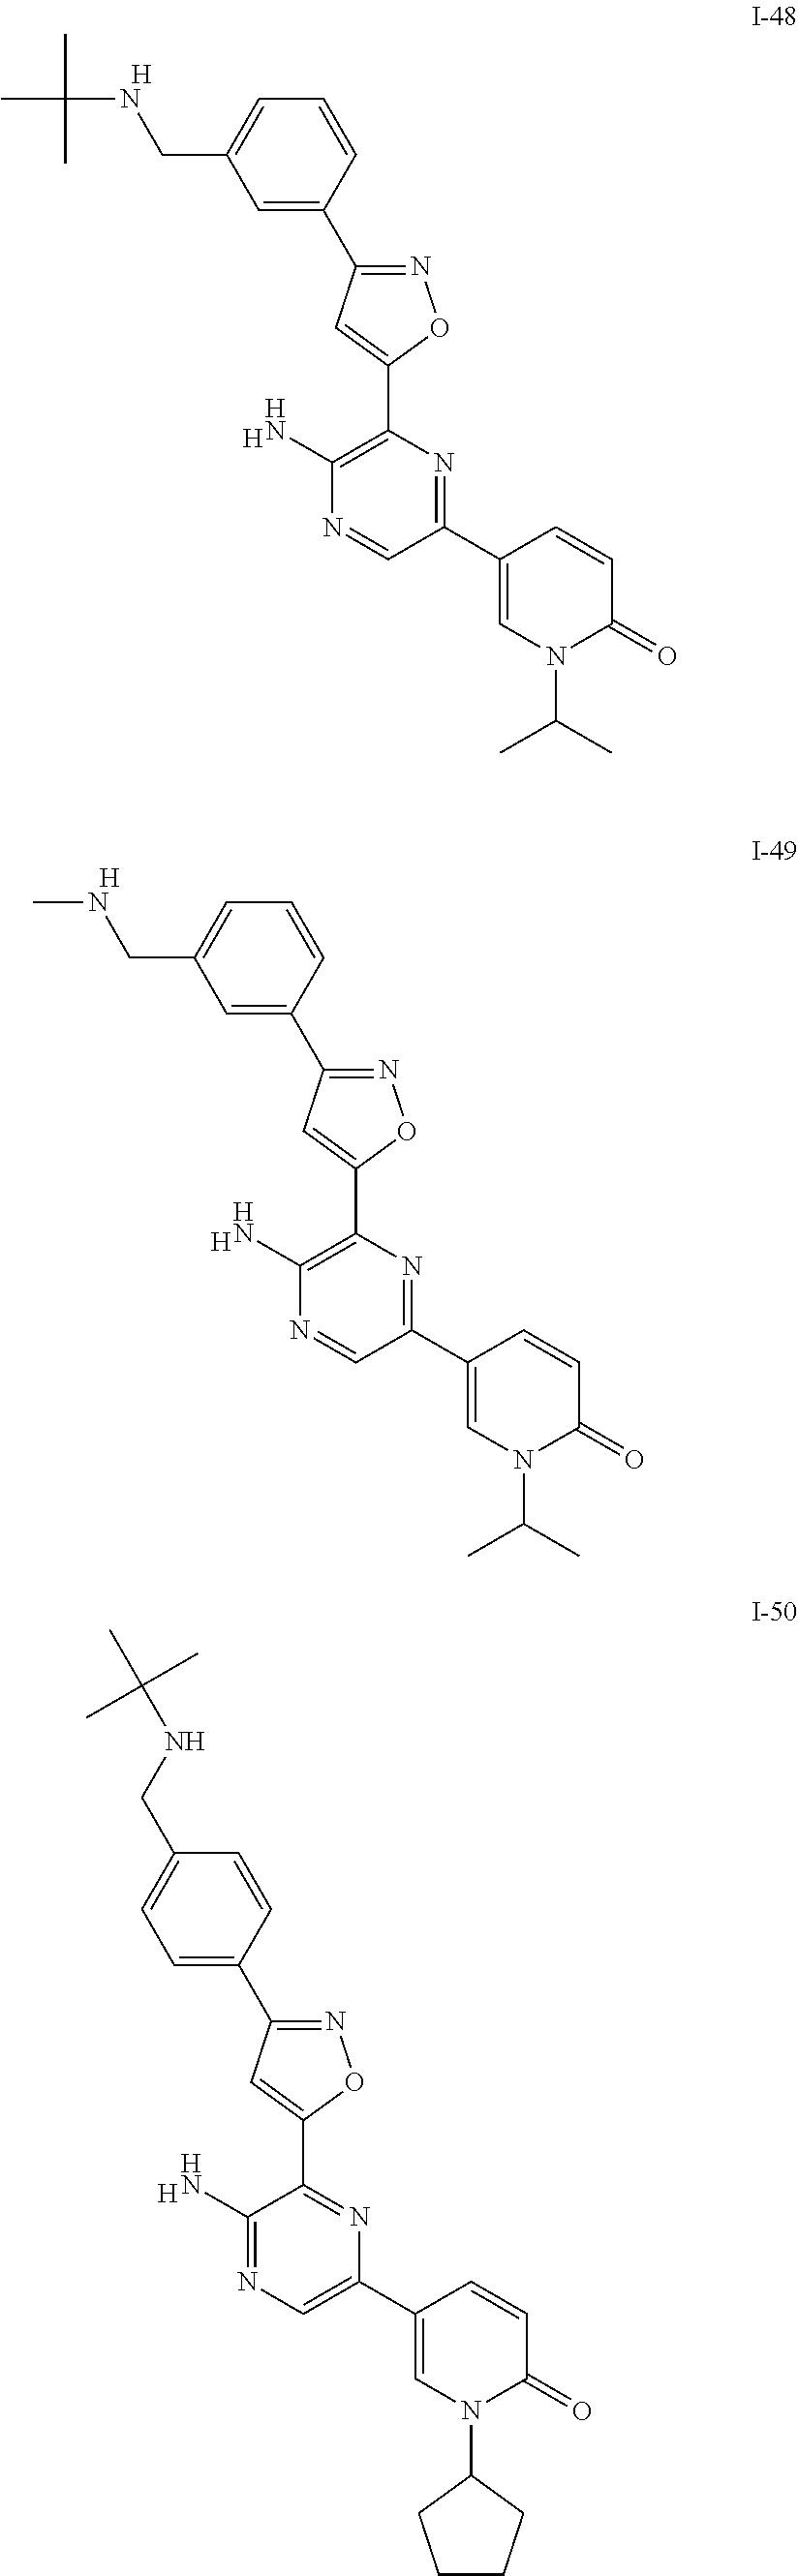 Figure US09630956-20170425-C00233